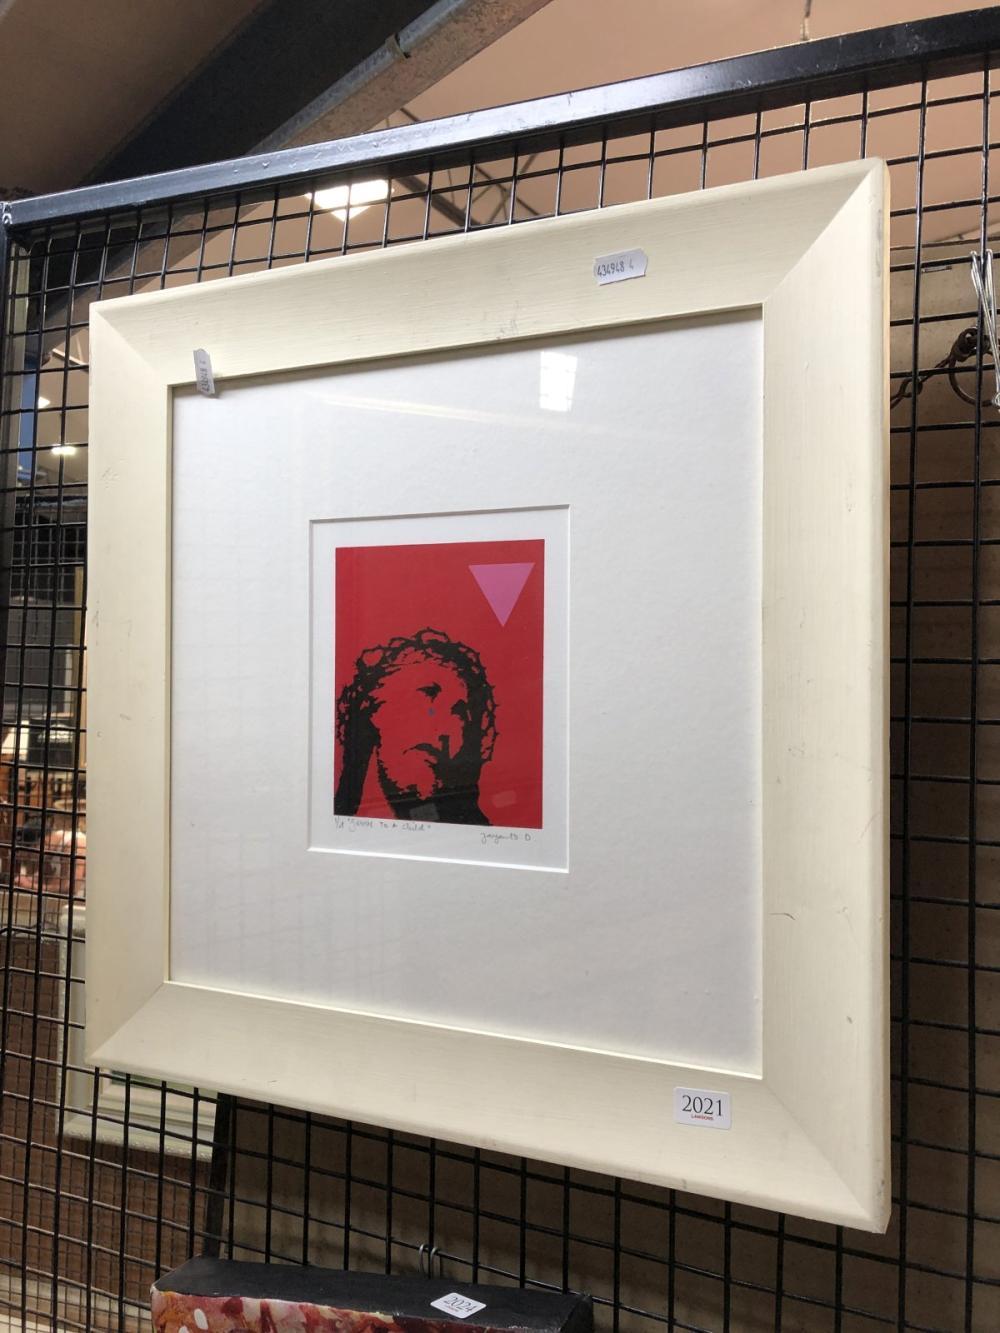 Yayanto Damanik - 'Jesus to a Child', ed. 1/4 frame size - 43 x 43cm